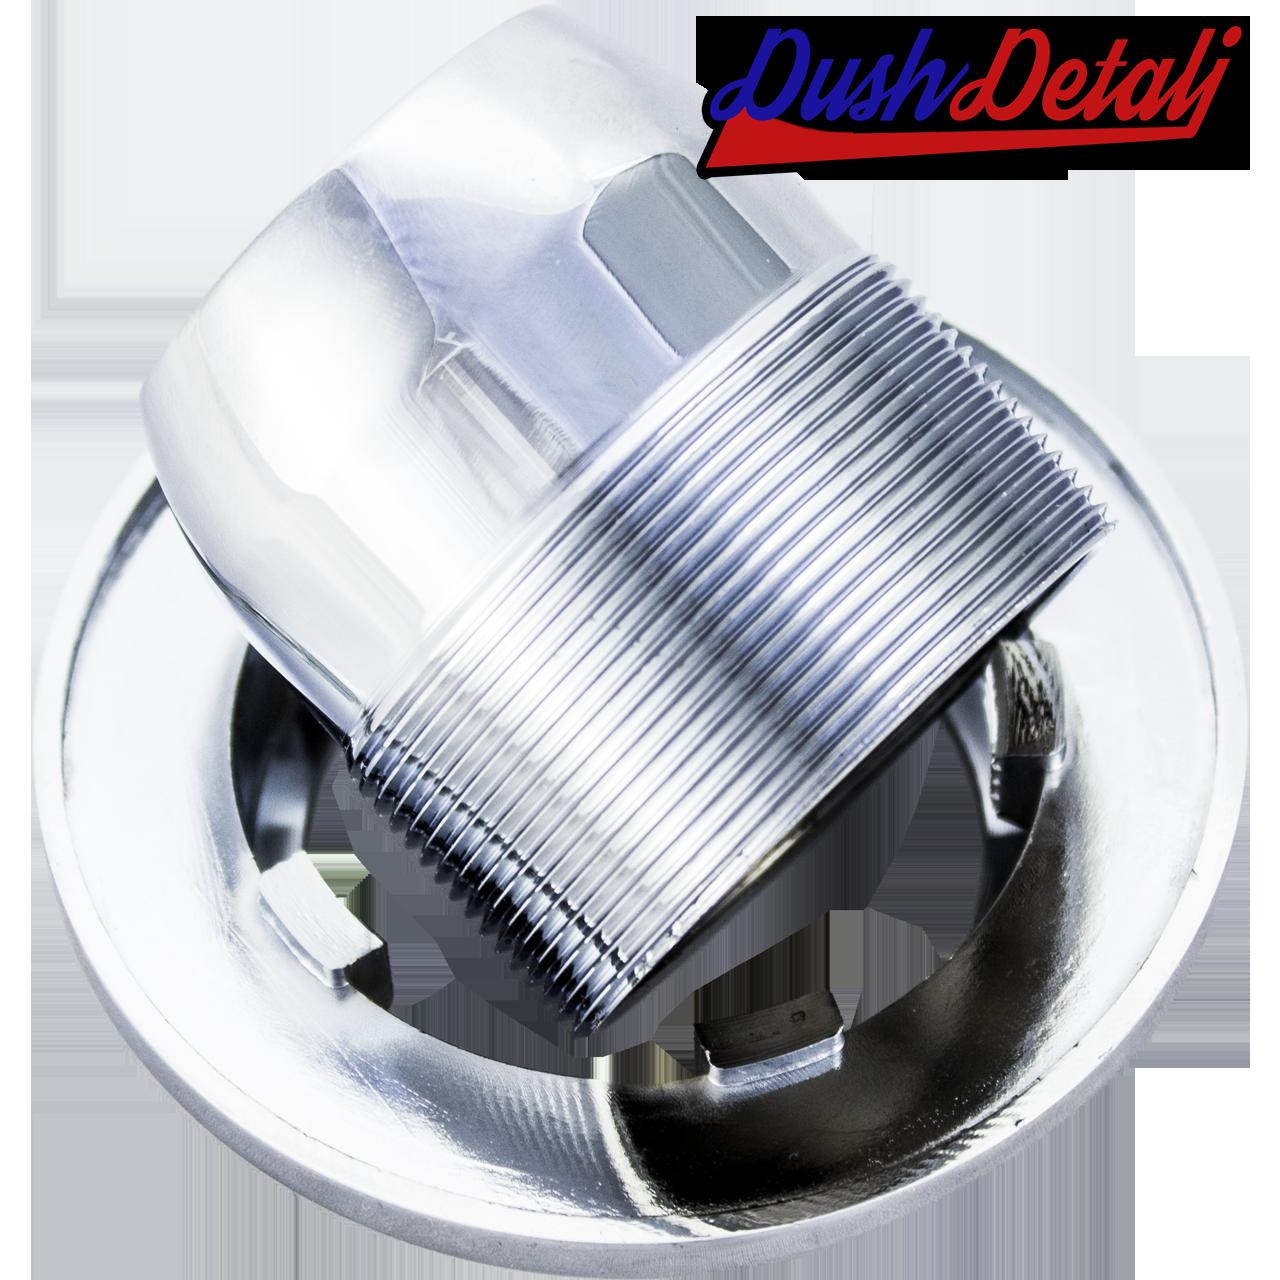 Шайба хромированная для крепления картриджа в смесителе душевой кабины ( ШХ02 ) с наружной резьбой